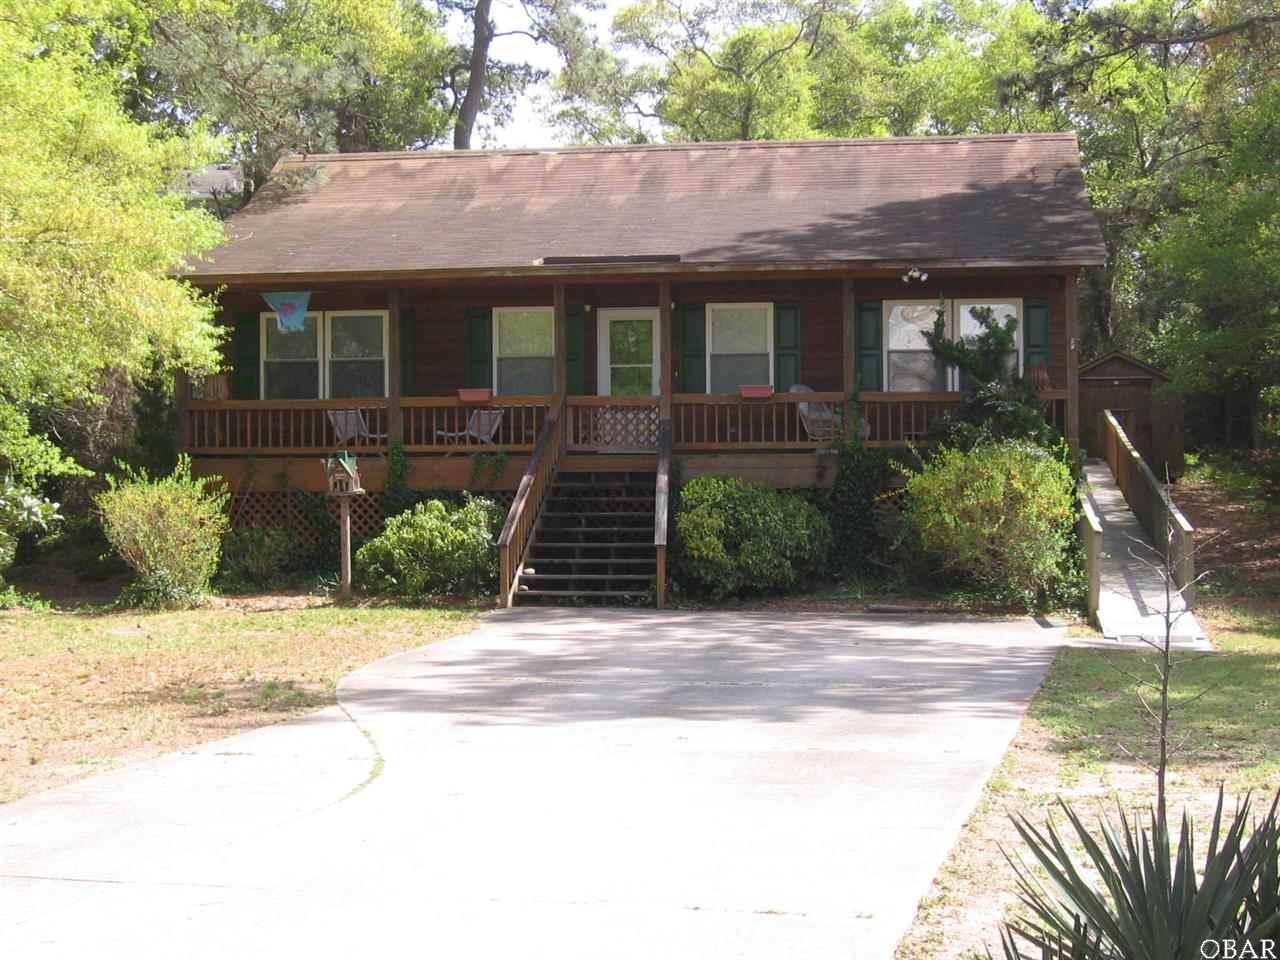 135 Sir Chandler Drive,Kill Devil Hills,NC 27948,3 Bedrooms Bedrooms,2 BathroomsBathrooms,Residential,Sir Chandler Drive,83322